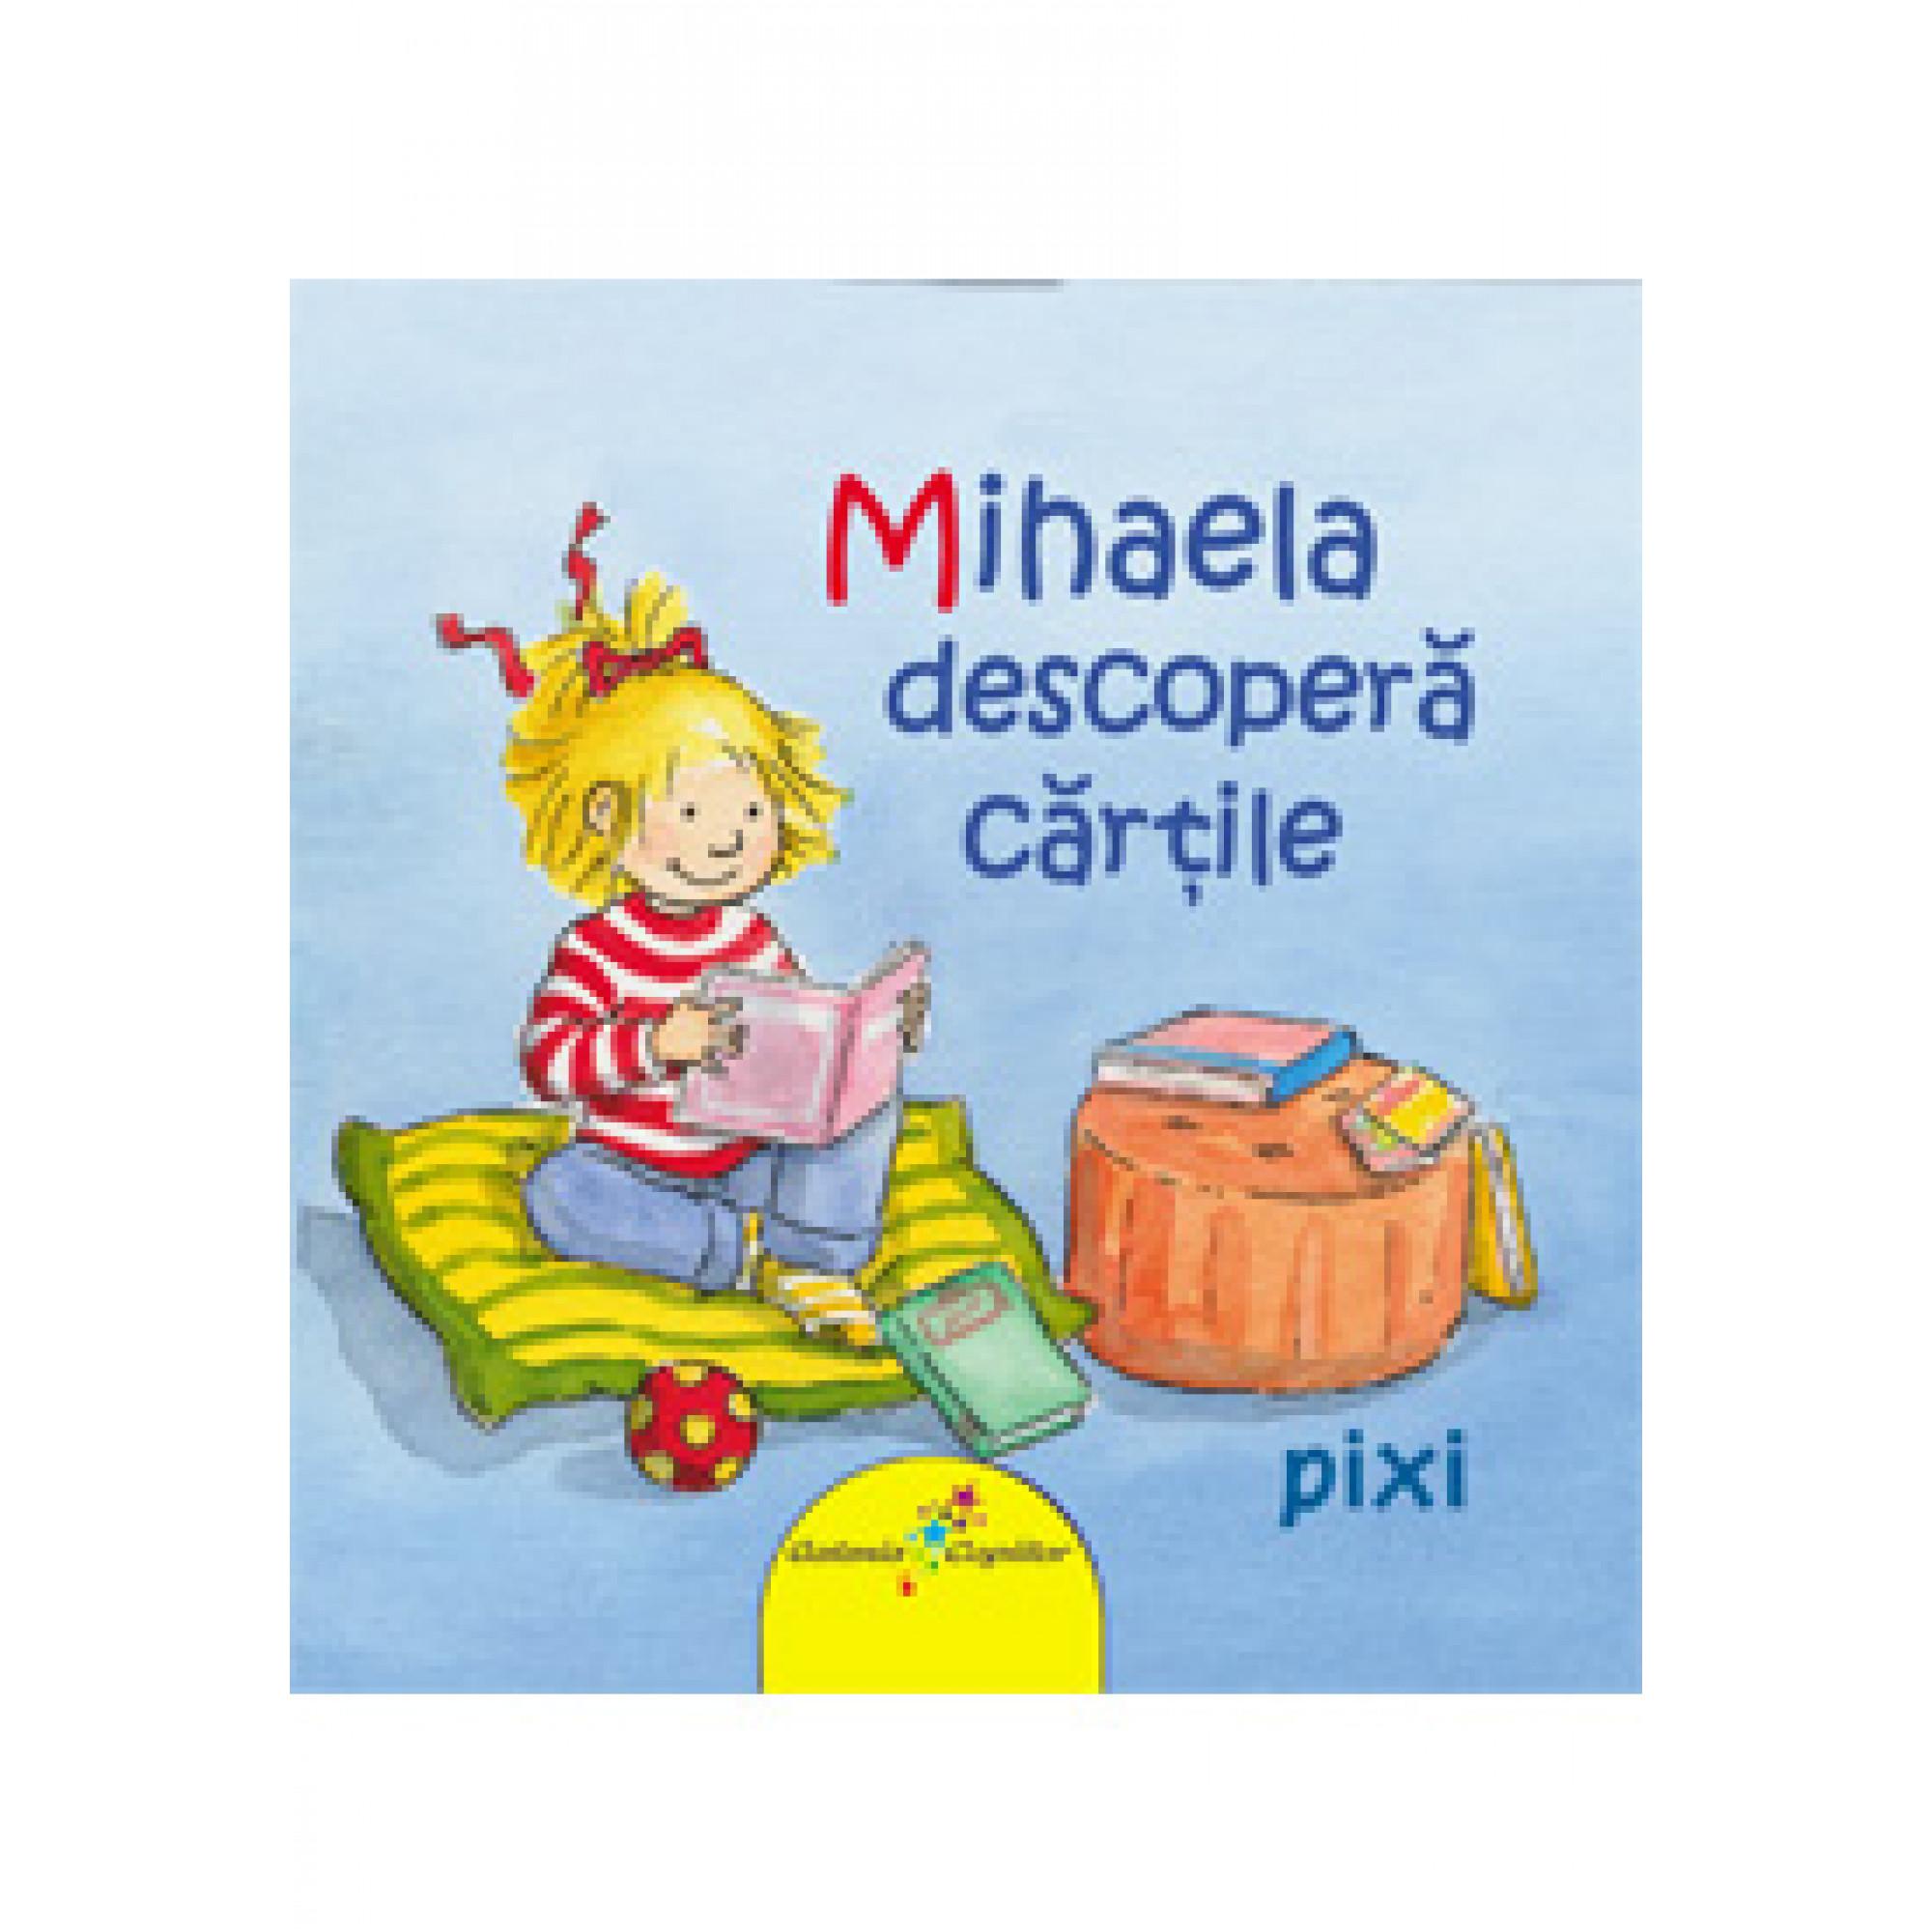 Mihaela descoperă cărțile; Liane Schneider